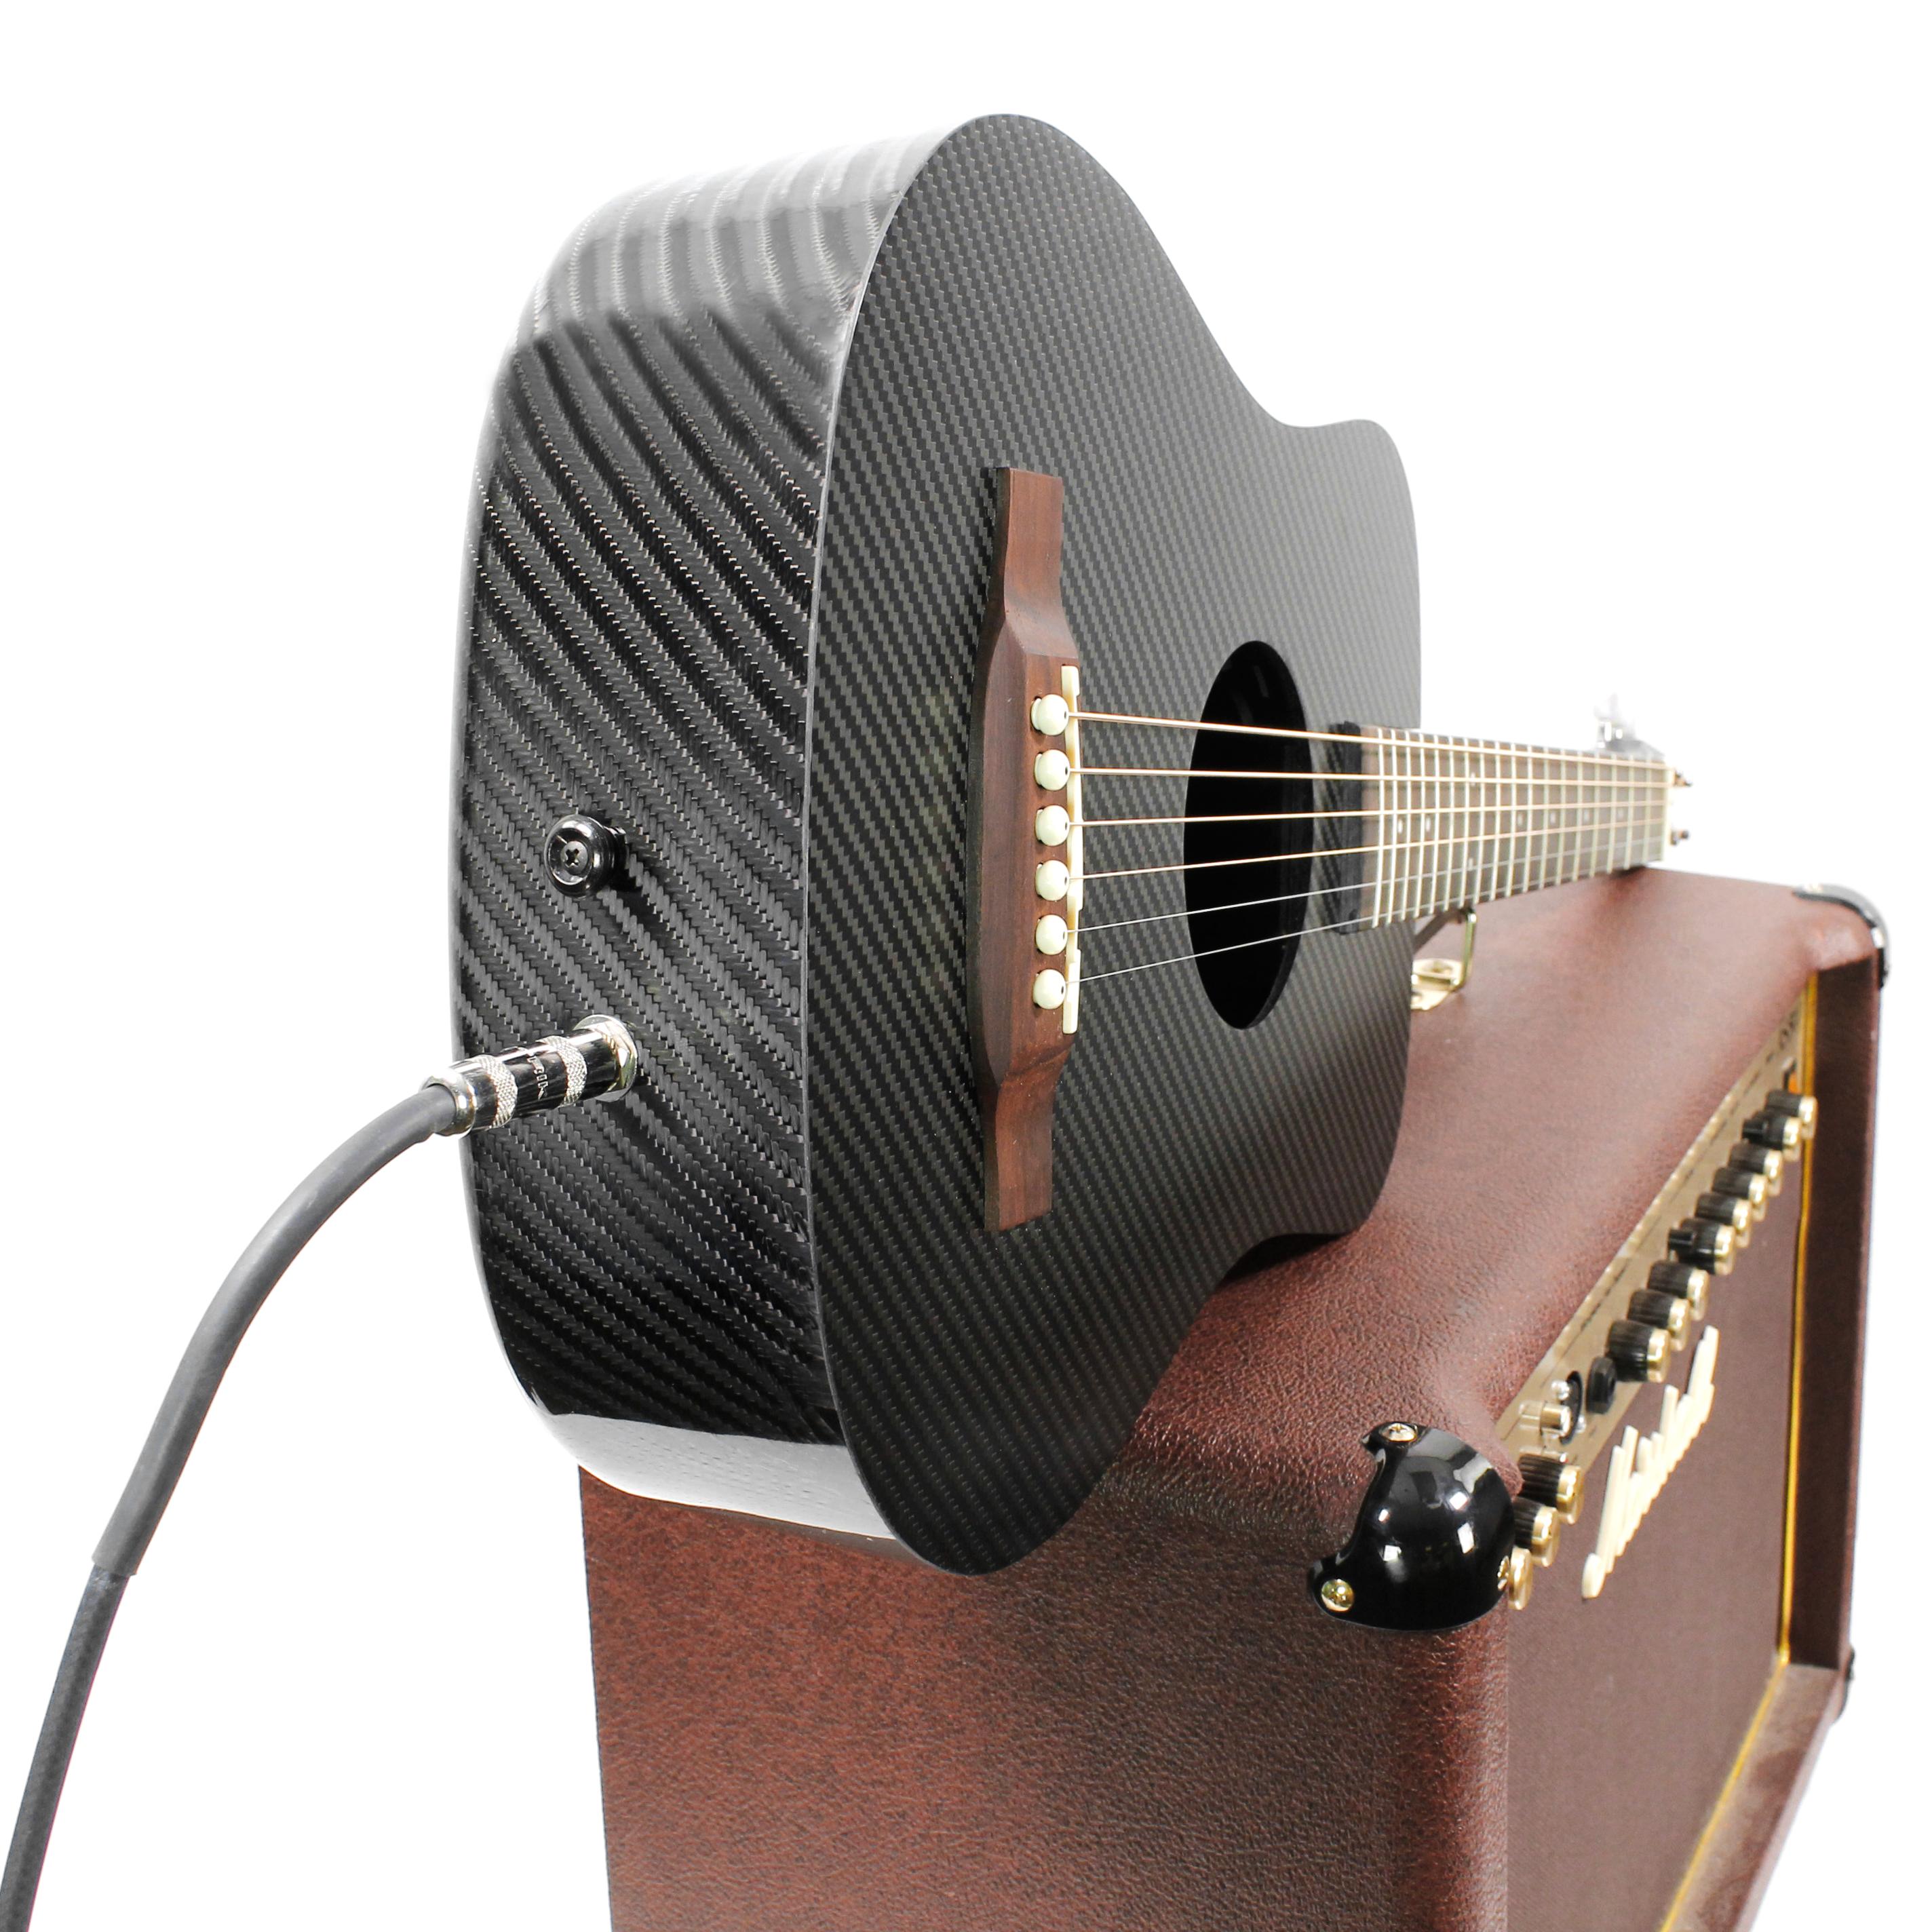 Klos Acoustic Electric Guitar Acousticguitar Acoustic Electric Carbonfiber Acoustic Electric Guitar Acoustic Electric Guitar